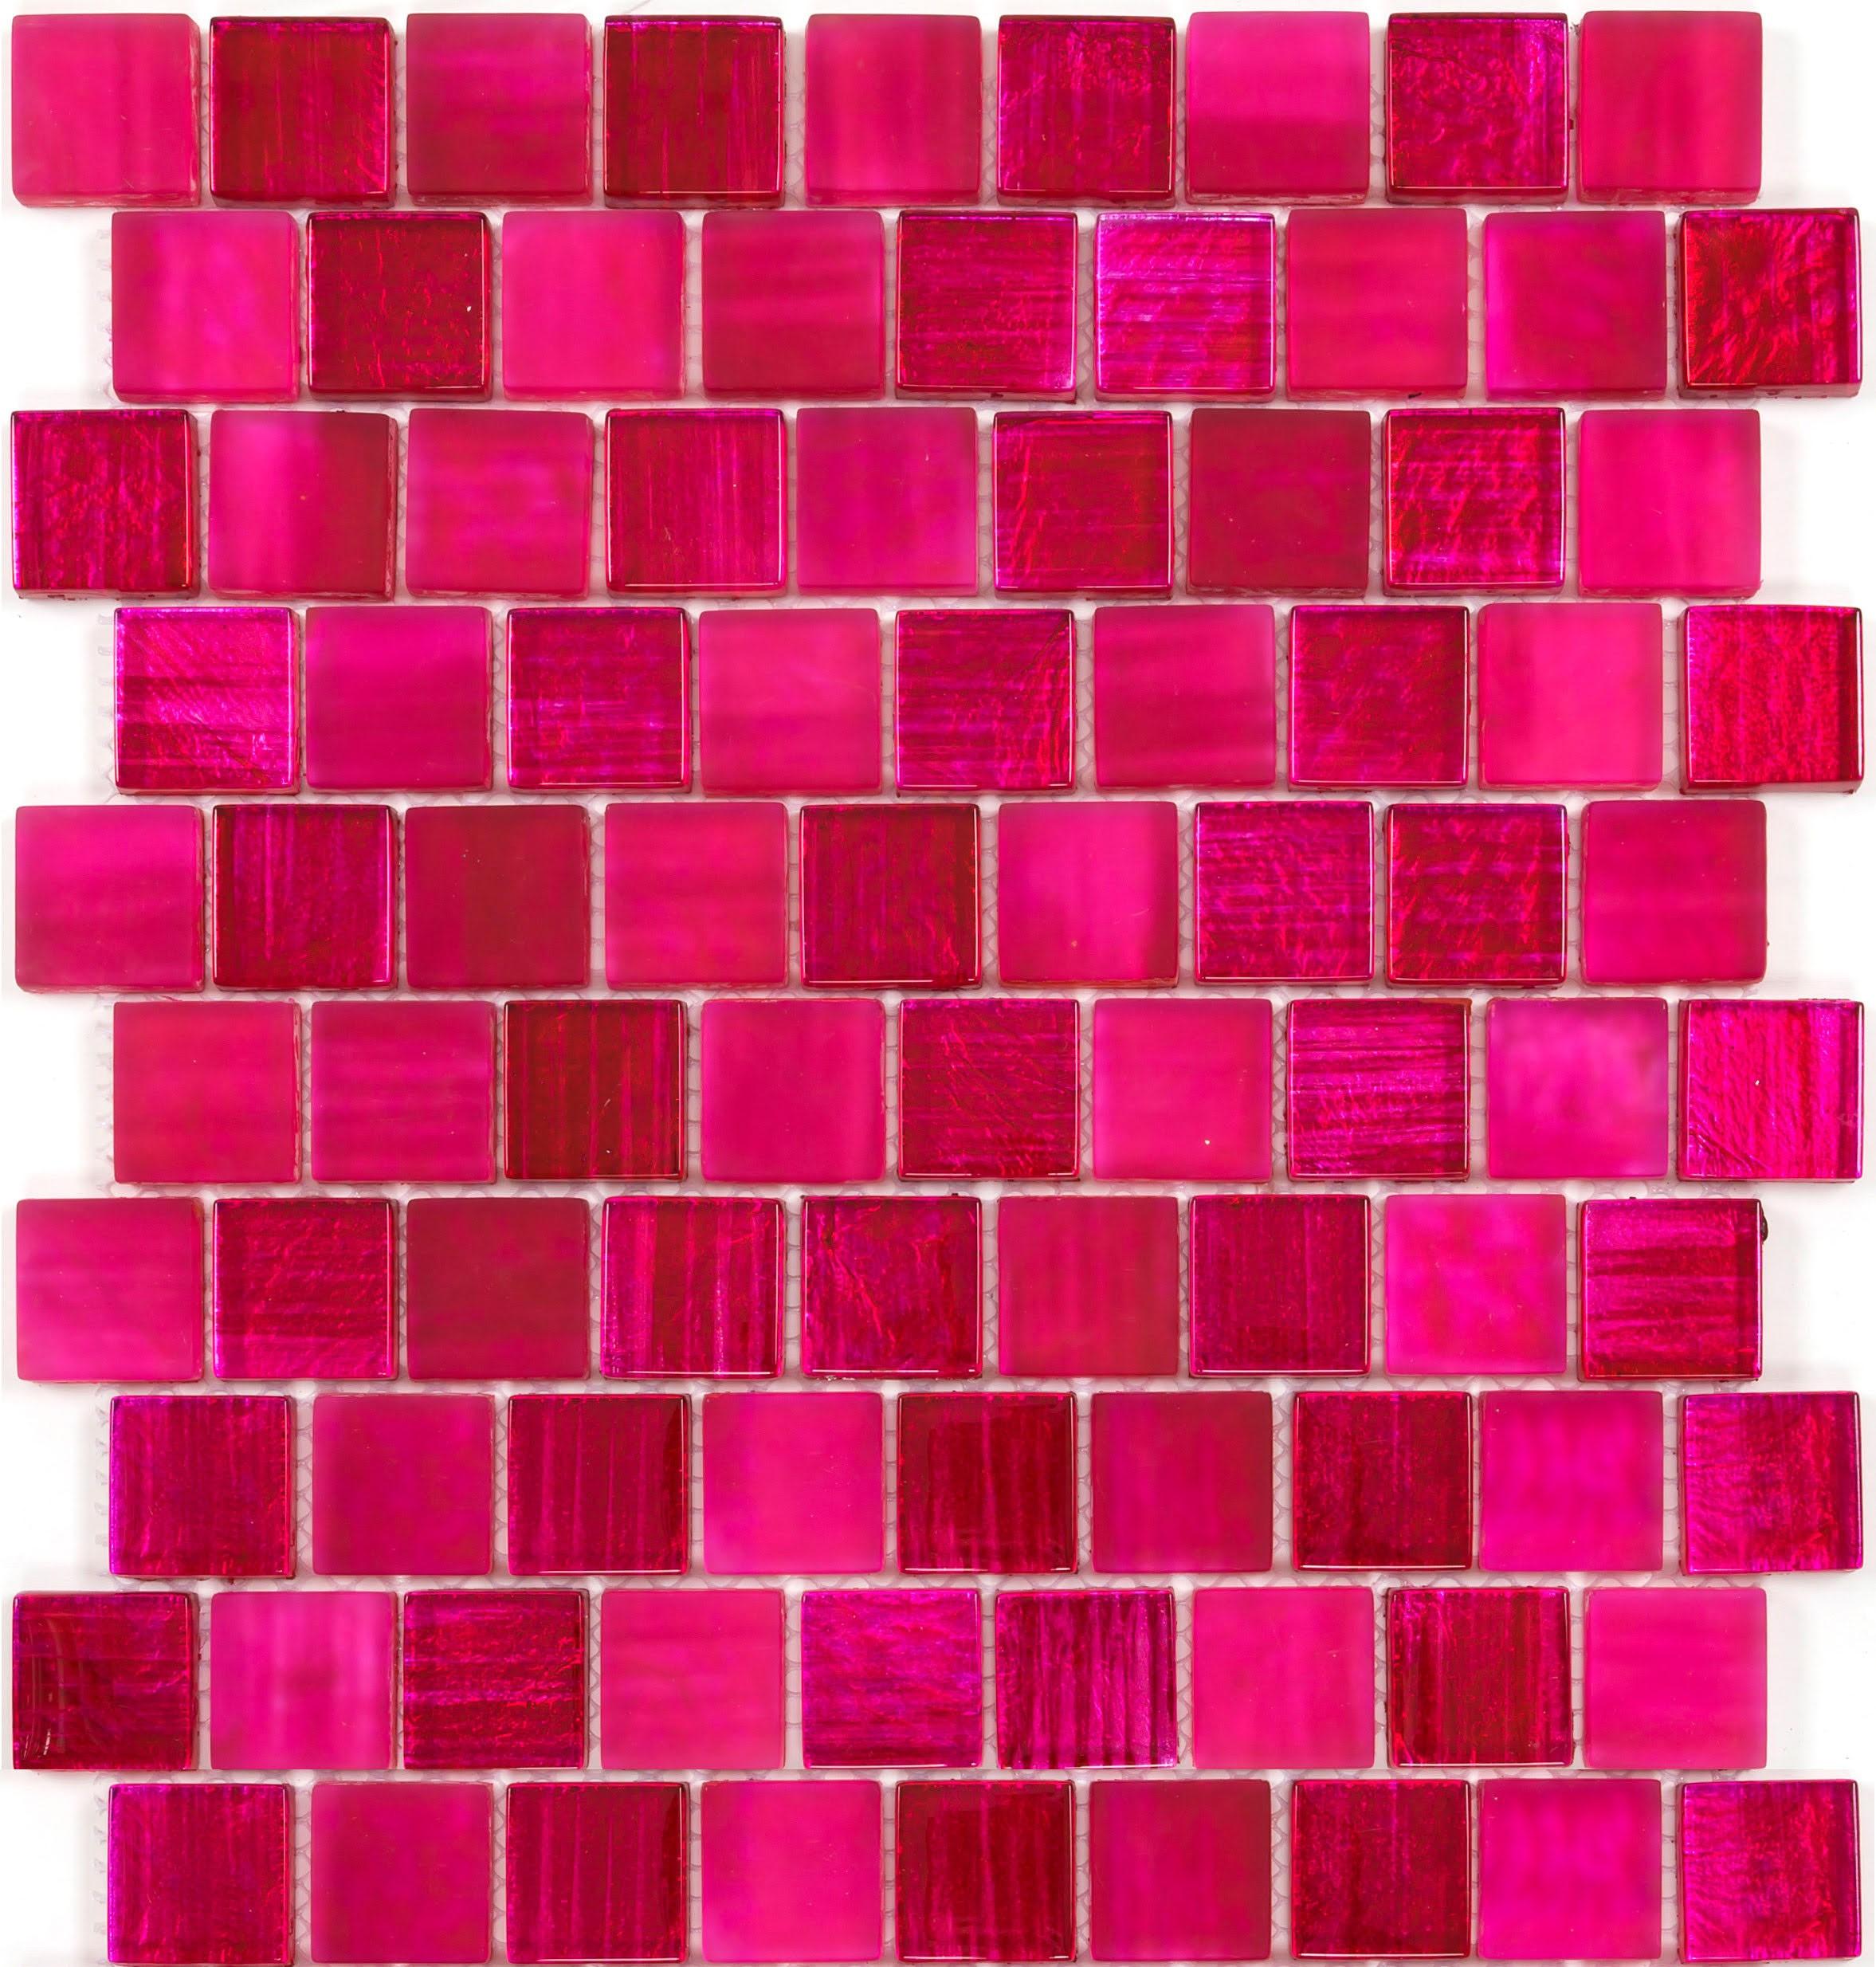 Salle De Bain Mosaique Rose ~ mosaique mur cuisine et credence salle de bain modele mv drio rose